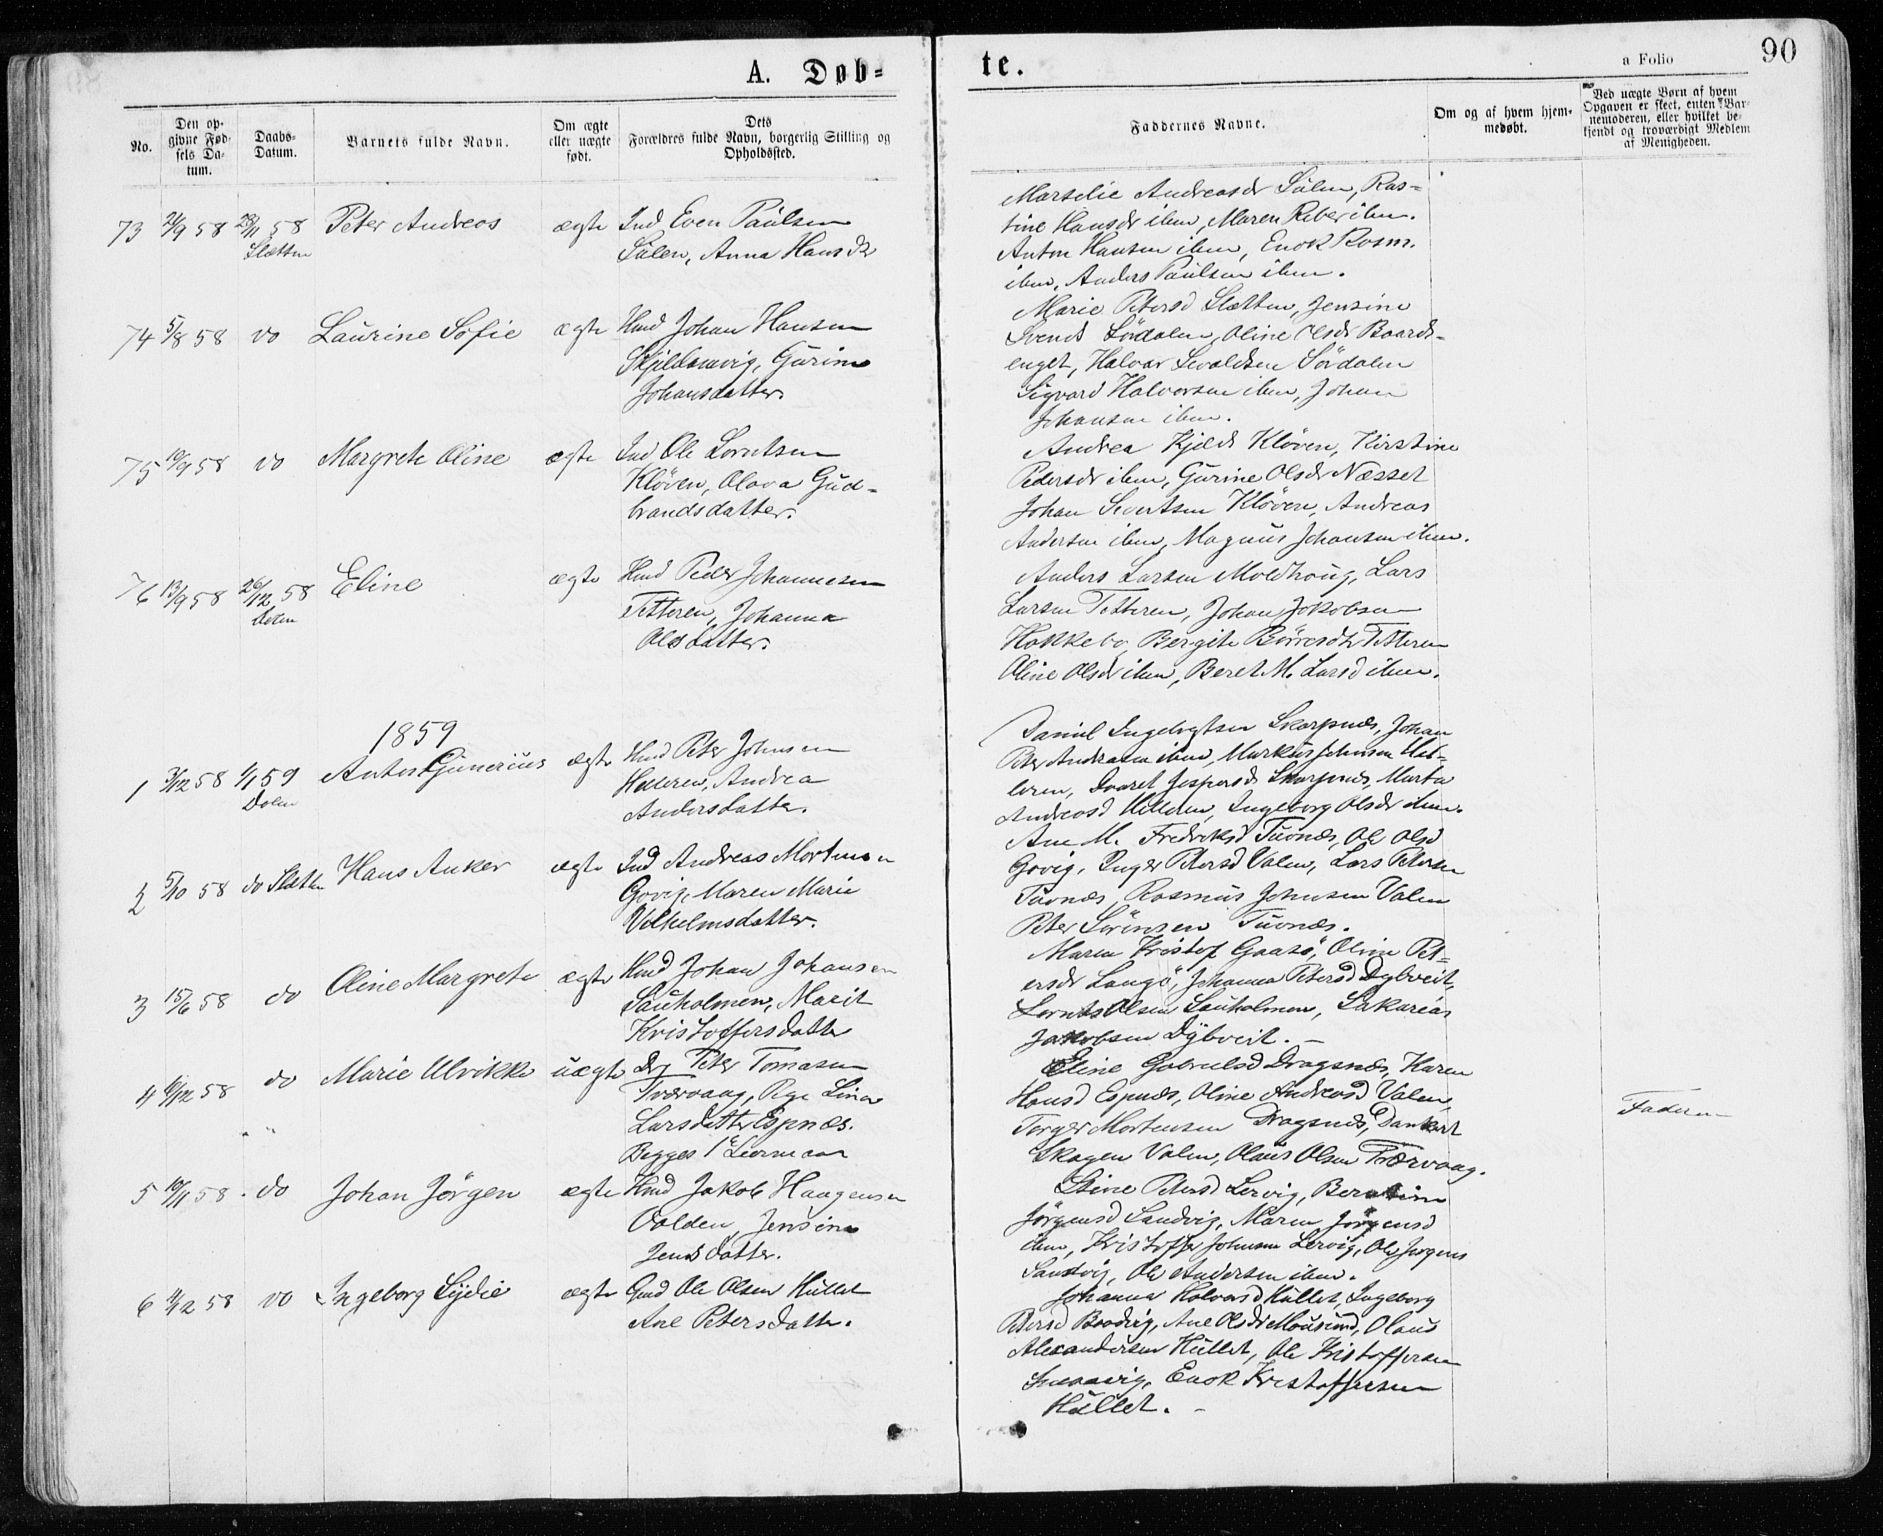 SAT, Ministerialprotokoller, klokkerbøker og fødselsregistre - Sør-Trøndelag, 640/L0576: Ministerialbok nr. 640A01, 1846-1876, s. 90